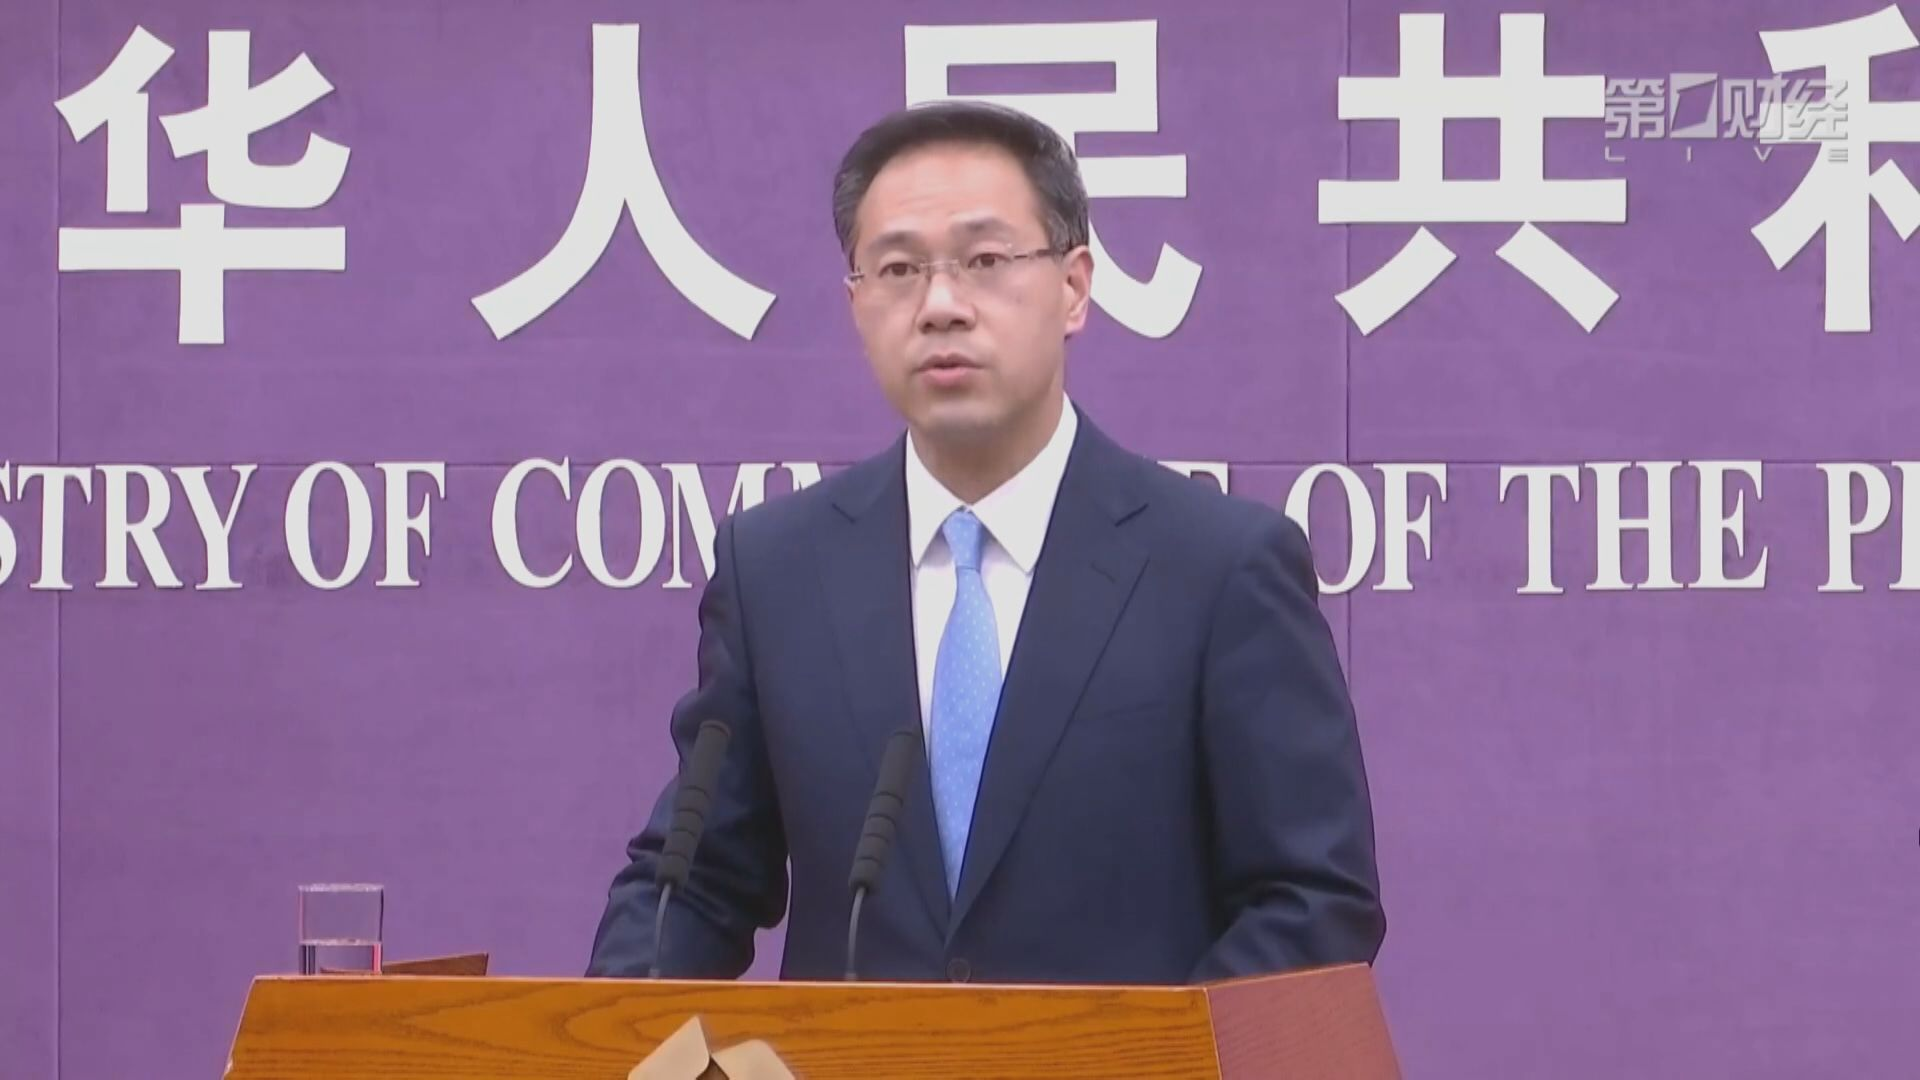 【繼續溝通】高峰:中美經貿本質是互利共贏